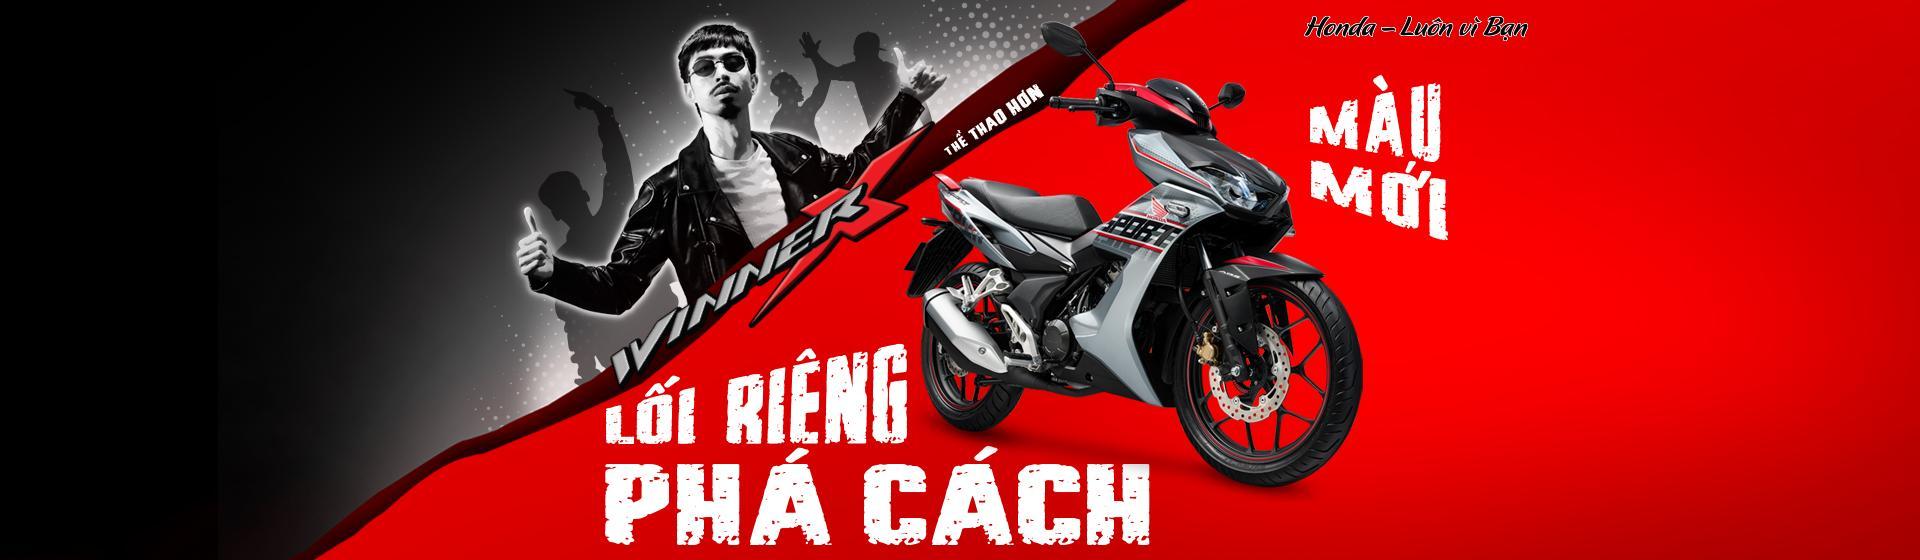 """Honda Winner X 150cc Phiên Bản Mới """"Lối Riêng Phá Cách"""""""